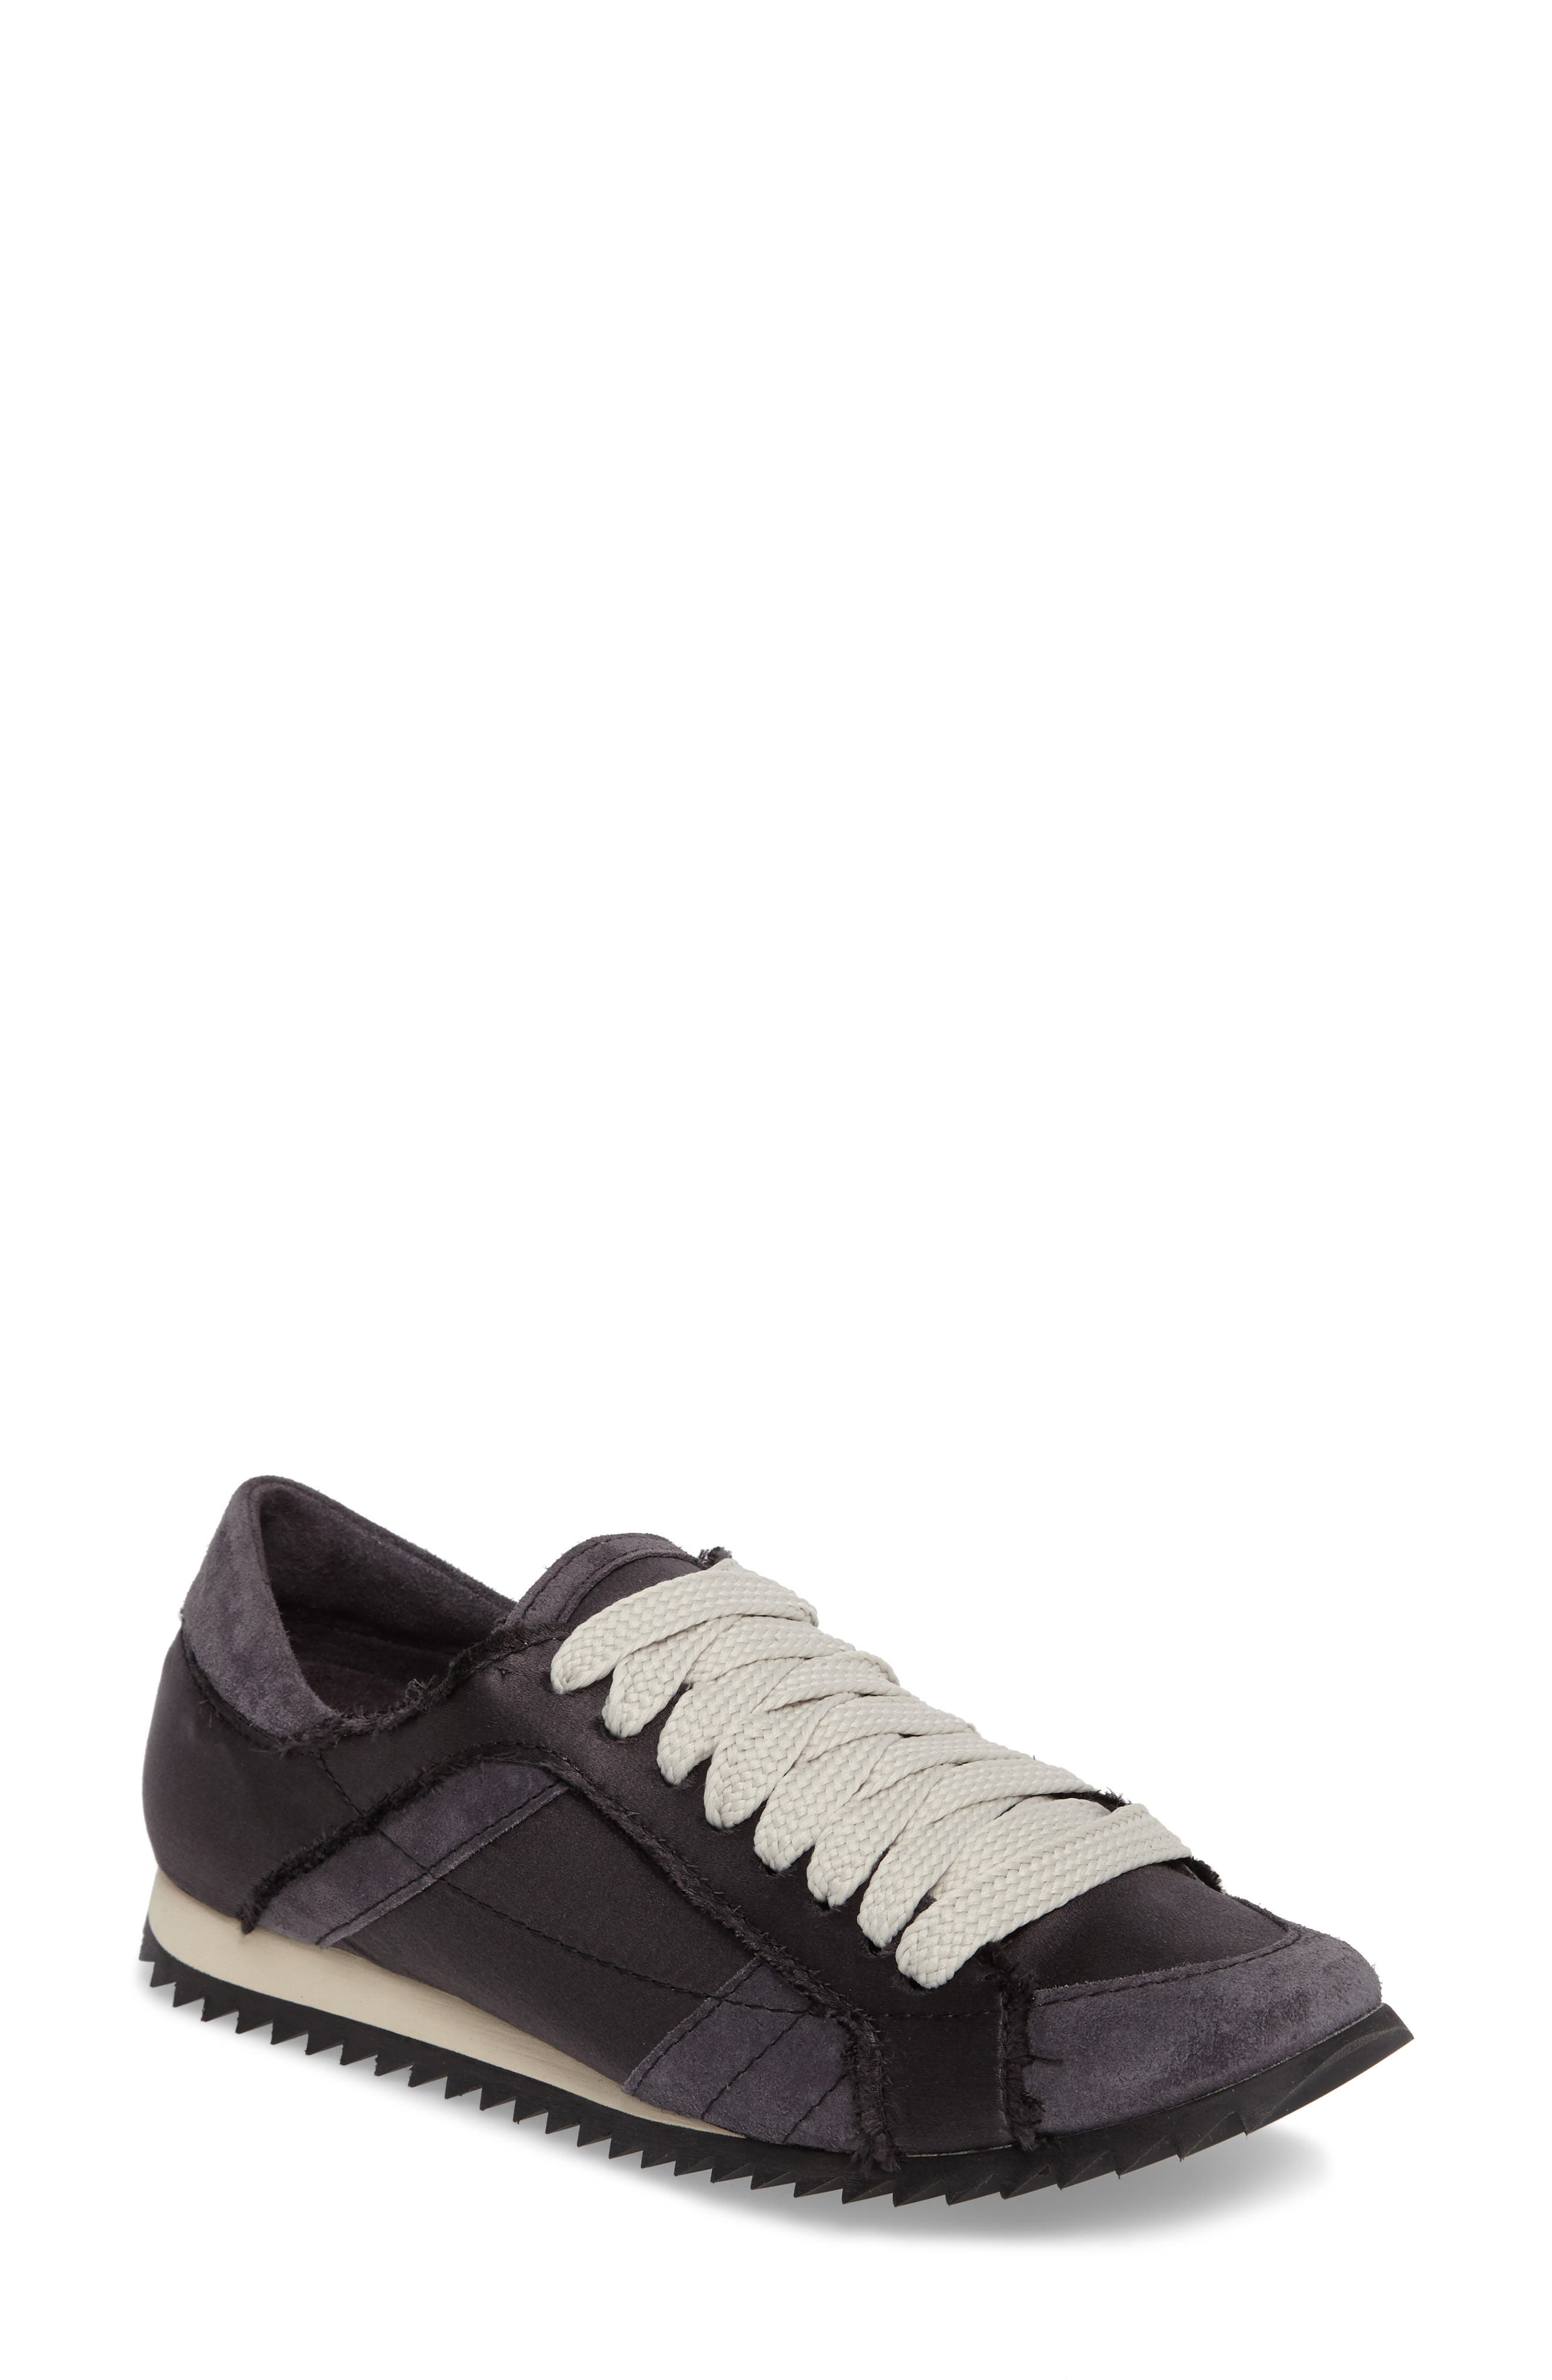 Cristina Trainer Sneaker,                         Main,                         color, 001